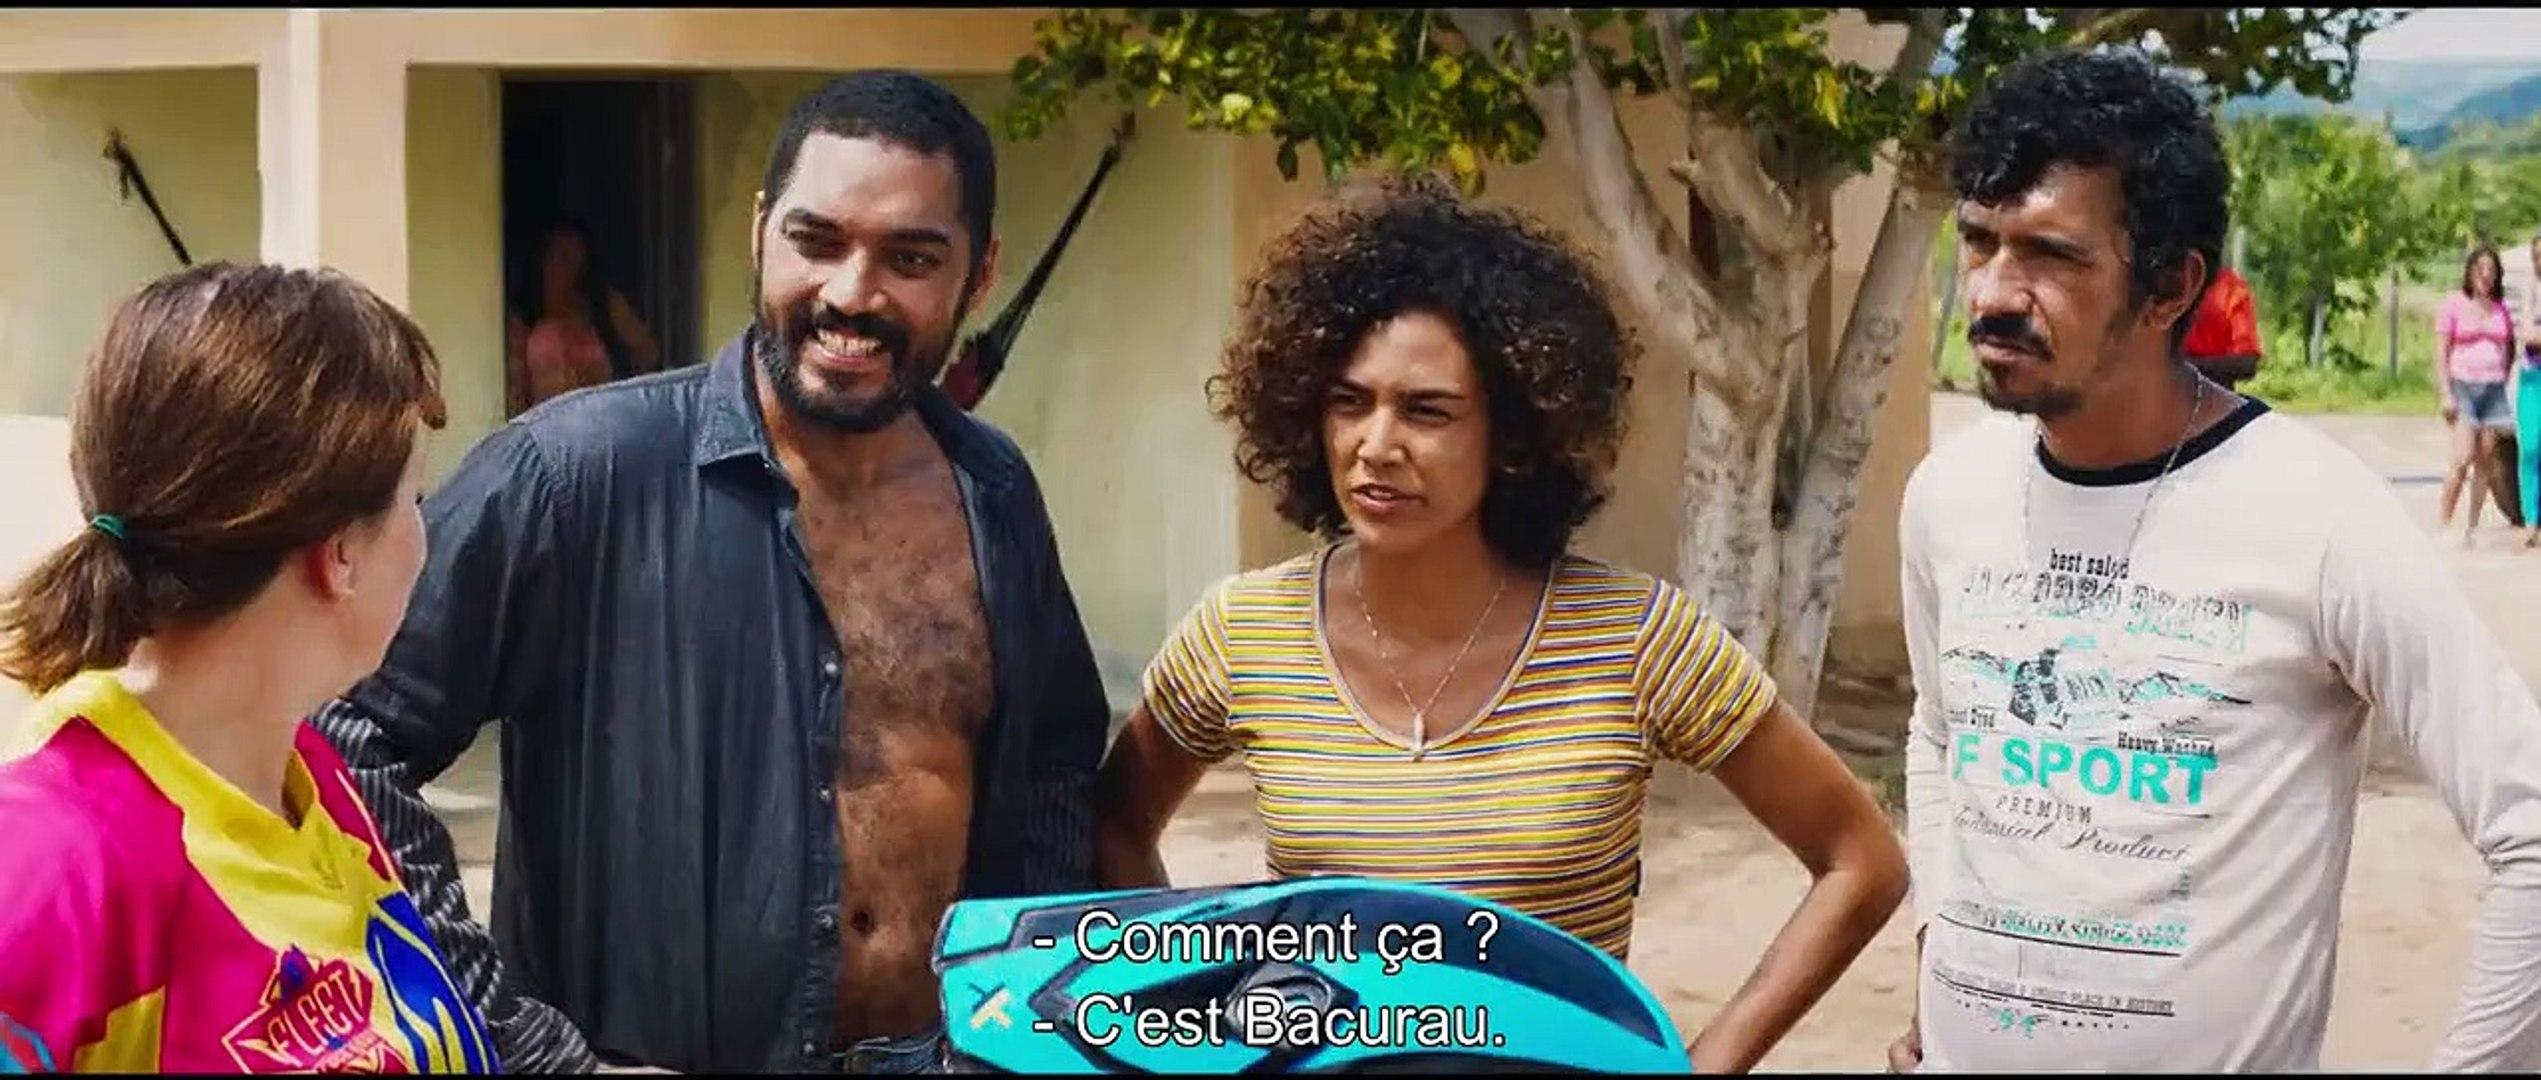 Bacurau Bande-annonce VO (Thriller 2019) Barbara Colen, Sônia Braga